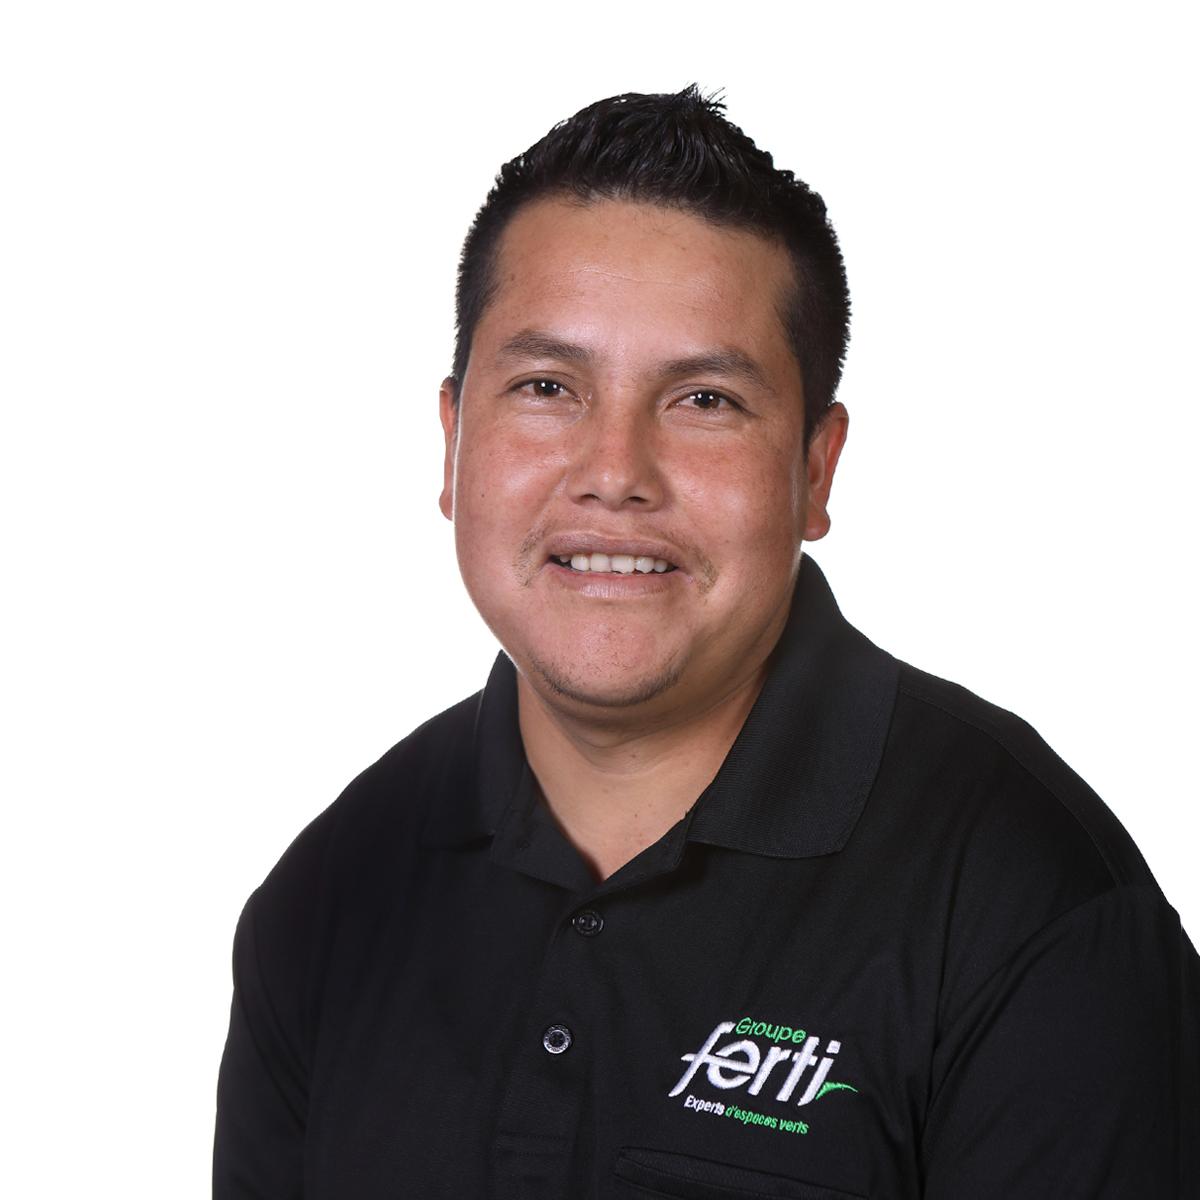 Arturo Eusebio Gola Barranco